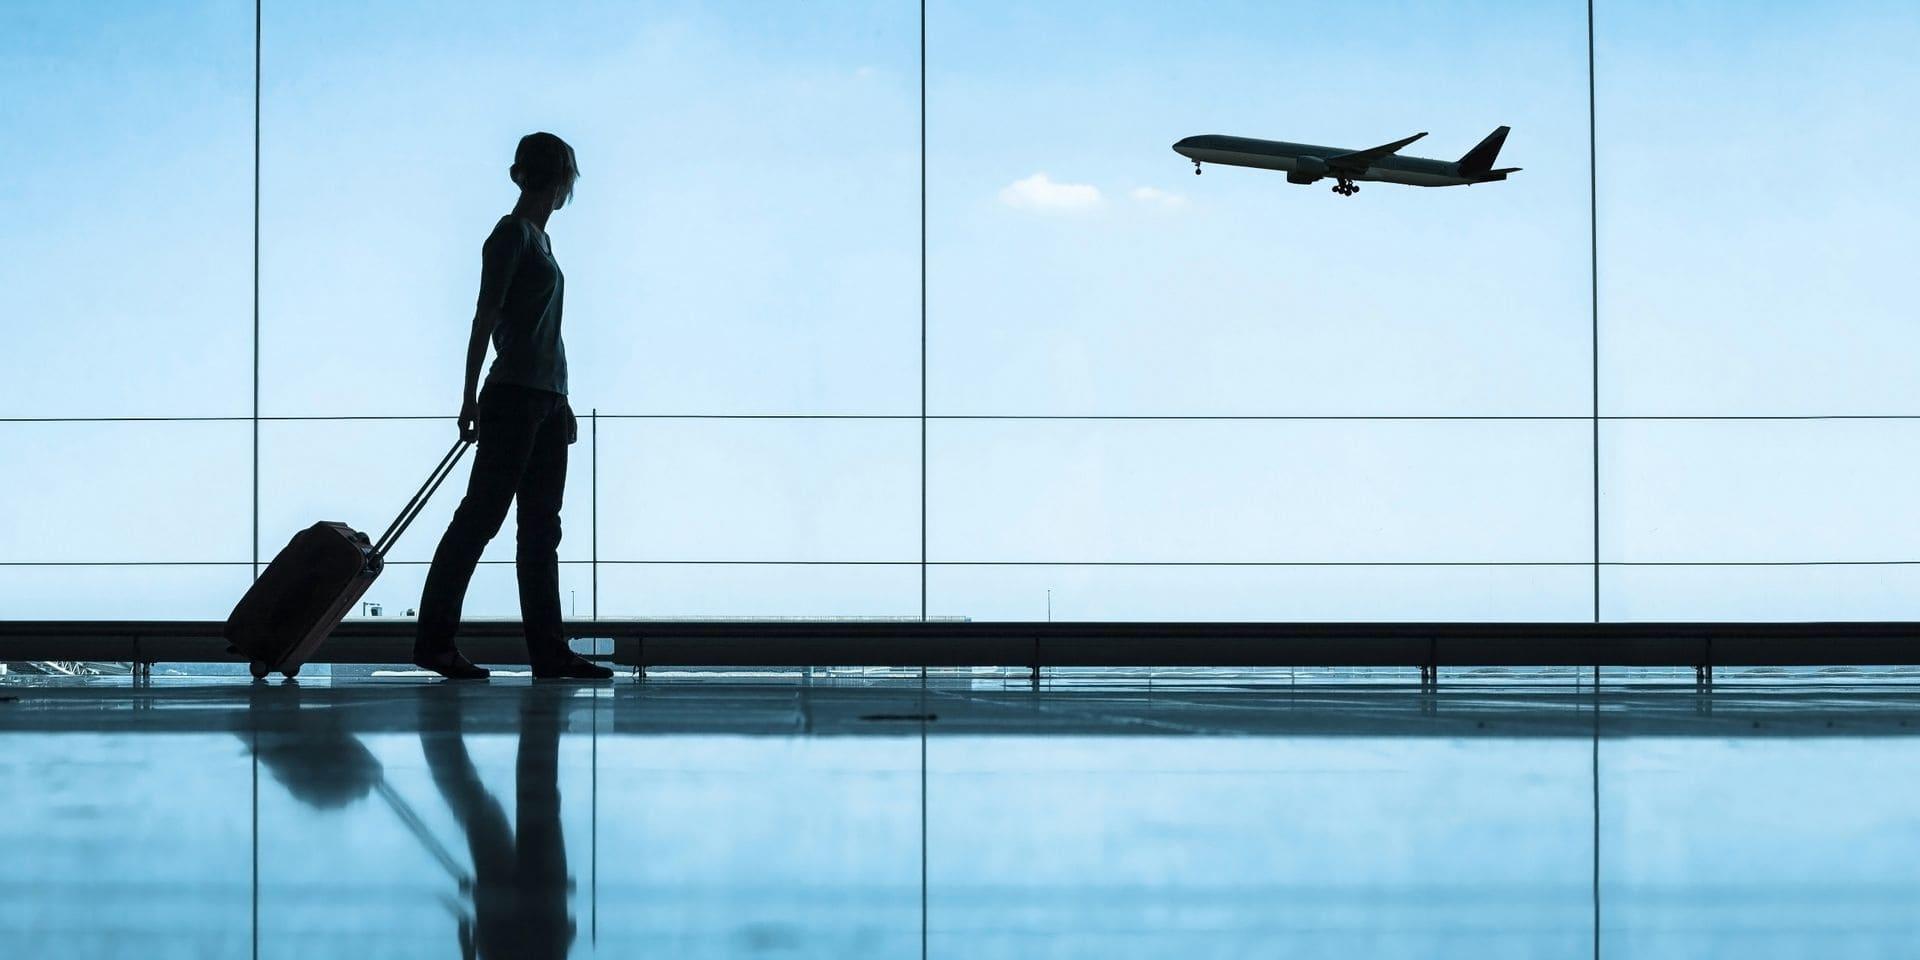 Quelles perspectives pour les vacances d'été? Steven Van Gucht se veut optimiste